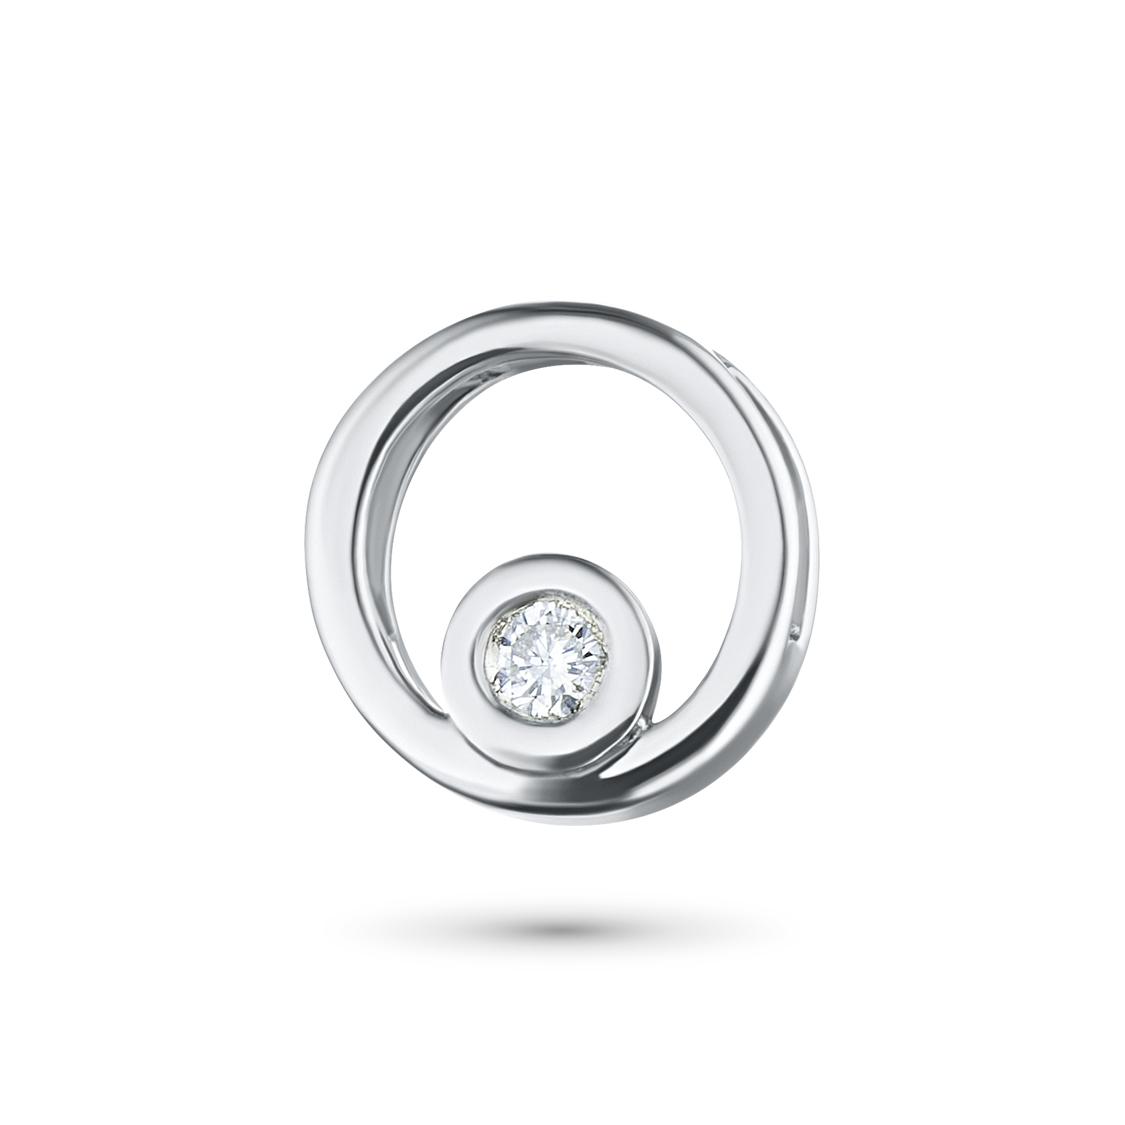 Подвеска из серебра с бриллиантом э06п051146